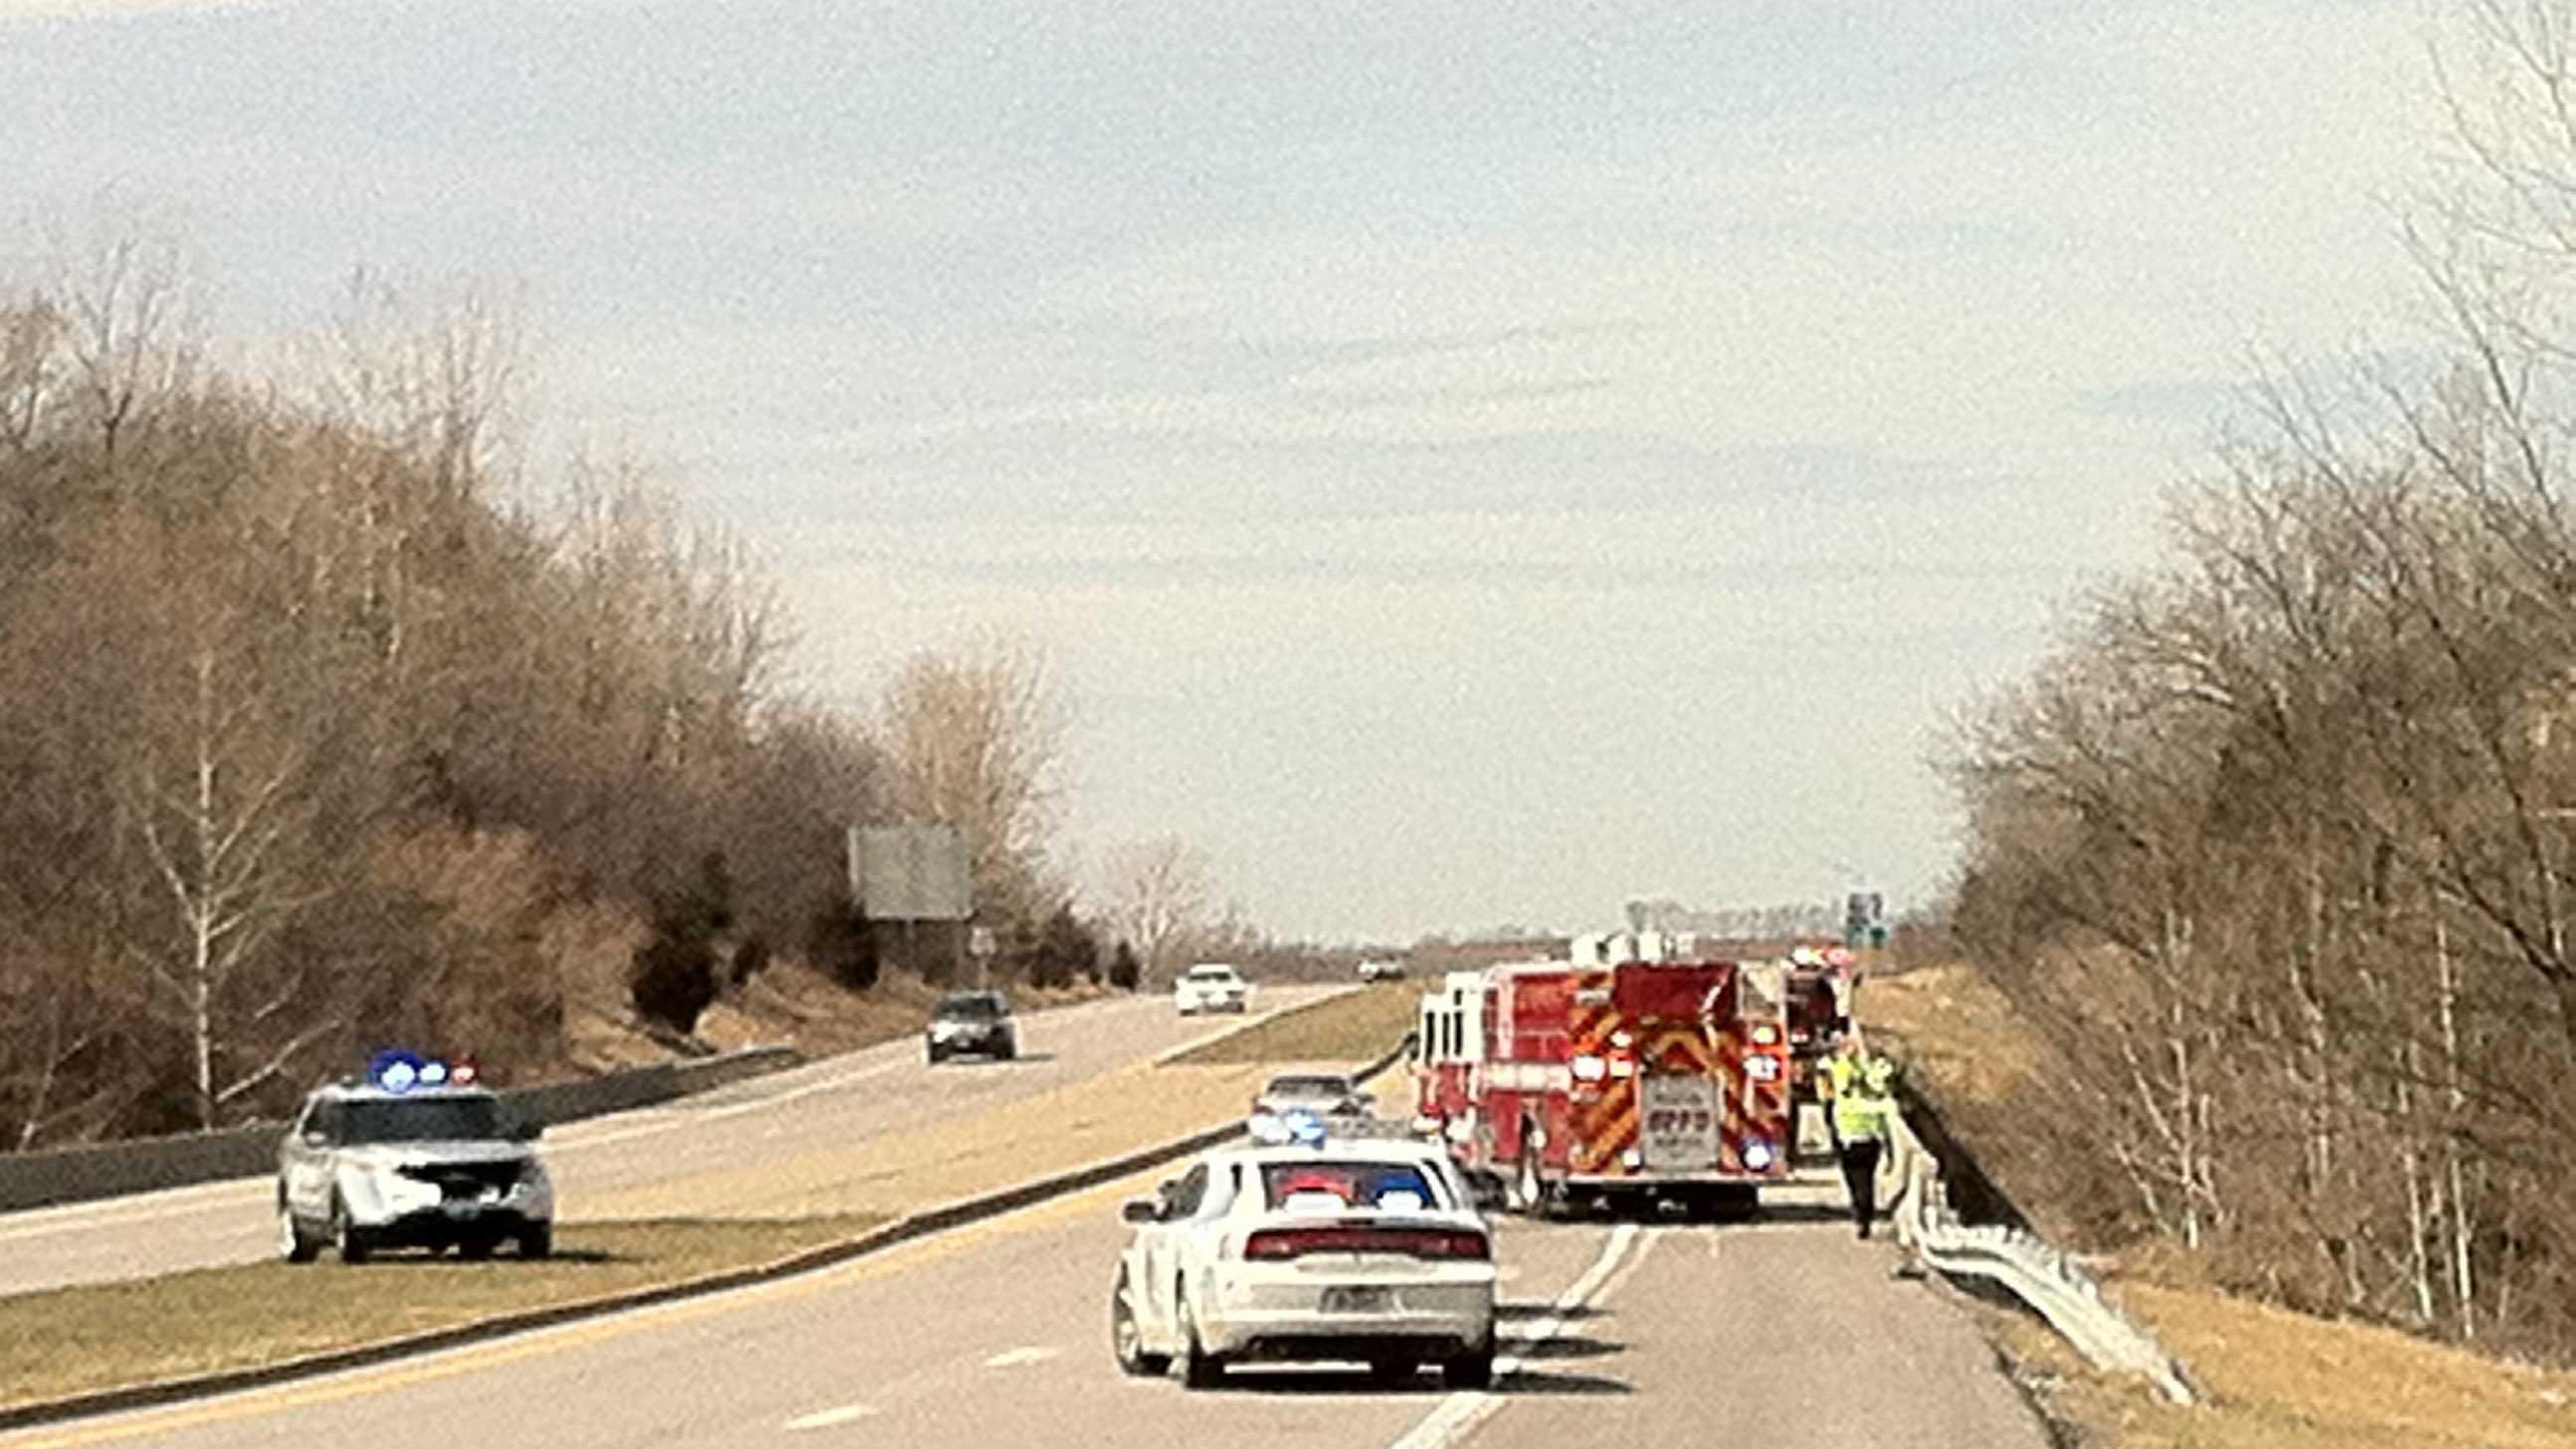 Highway 152 in Platte County